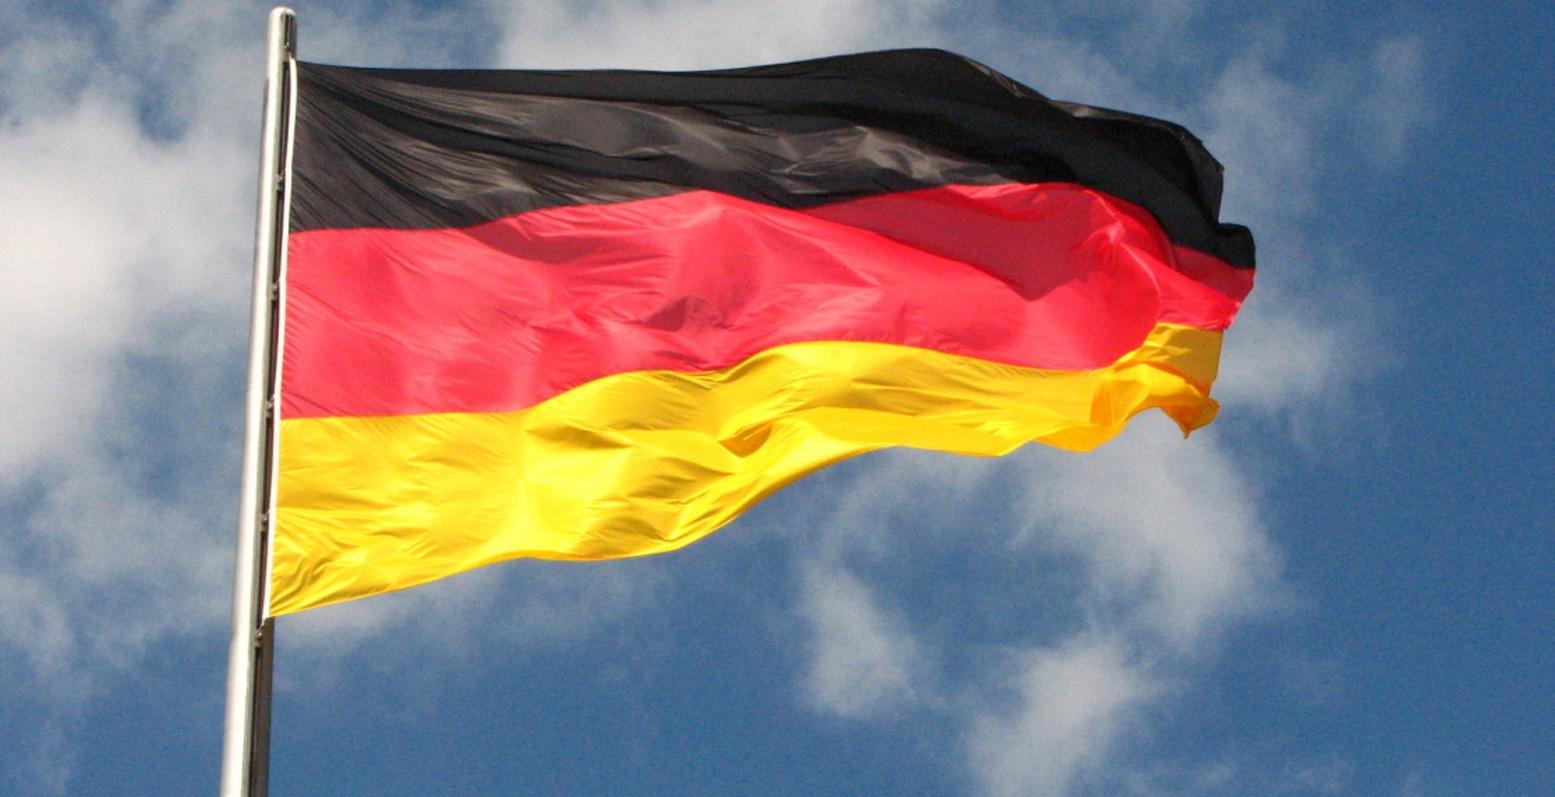 ألمانيا تدعو لإيجاد وسيلة لمواصلة الحوار بين الاتحاد الأوروبي وروسيا رغم تدهور العلاقة